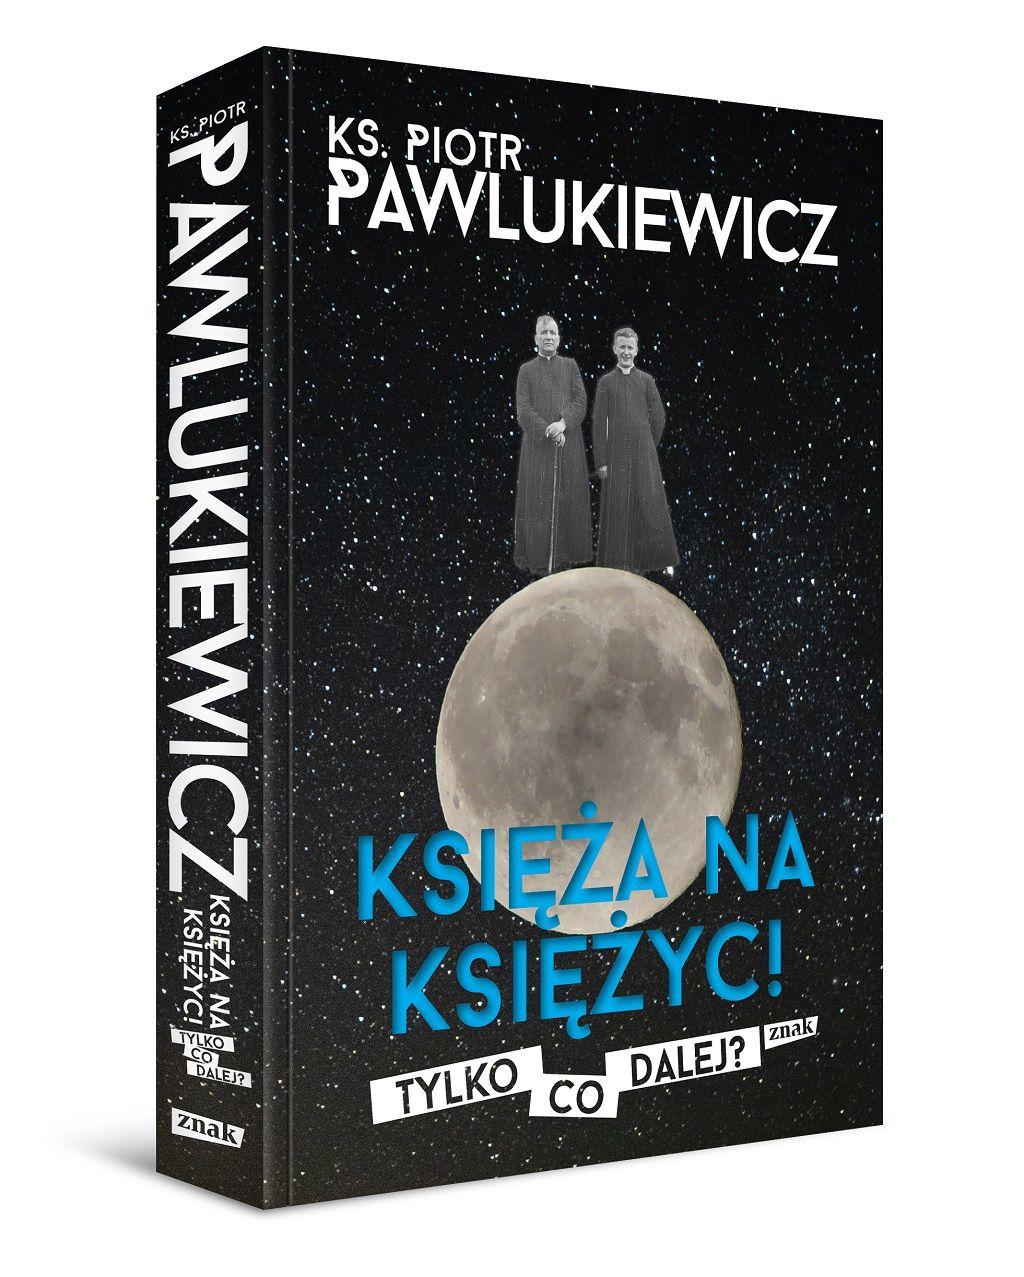 Ks. Piotr Pawlukiewicz – Księża na księżyc! Tylko co dalej?